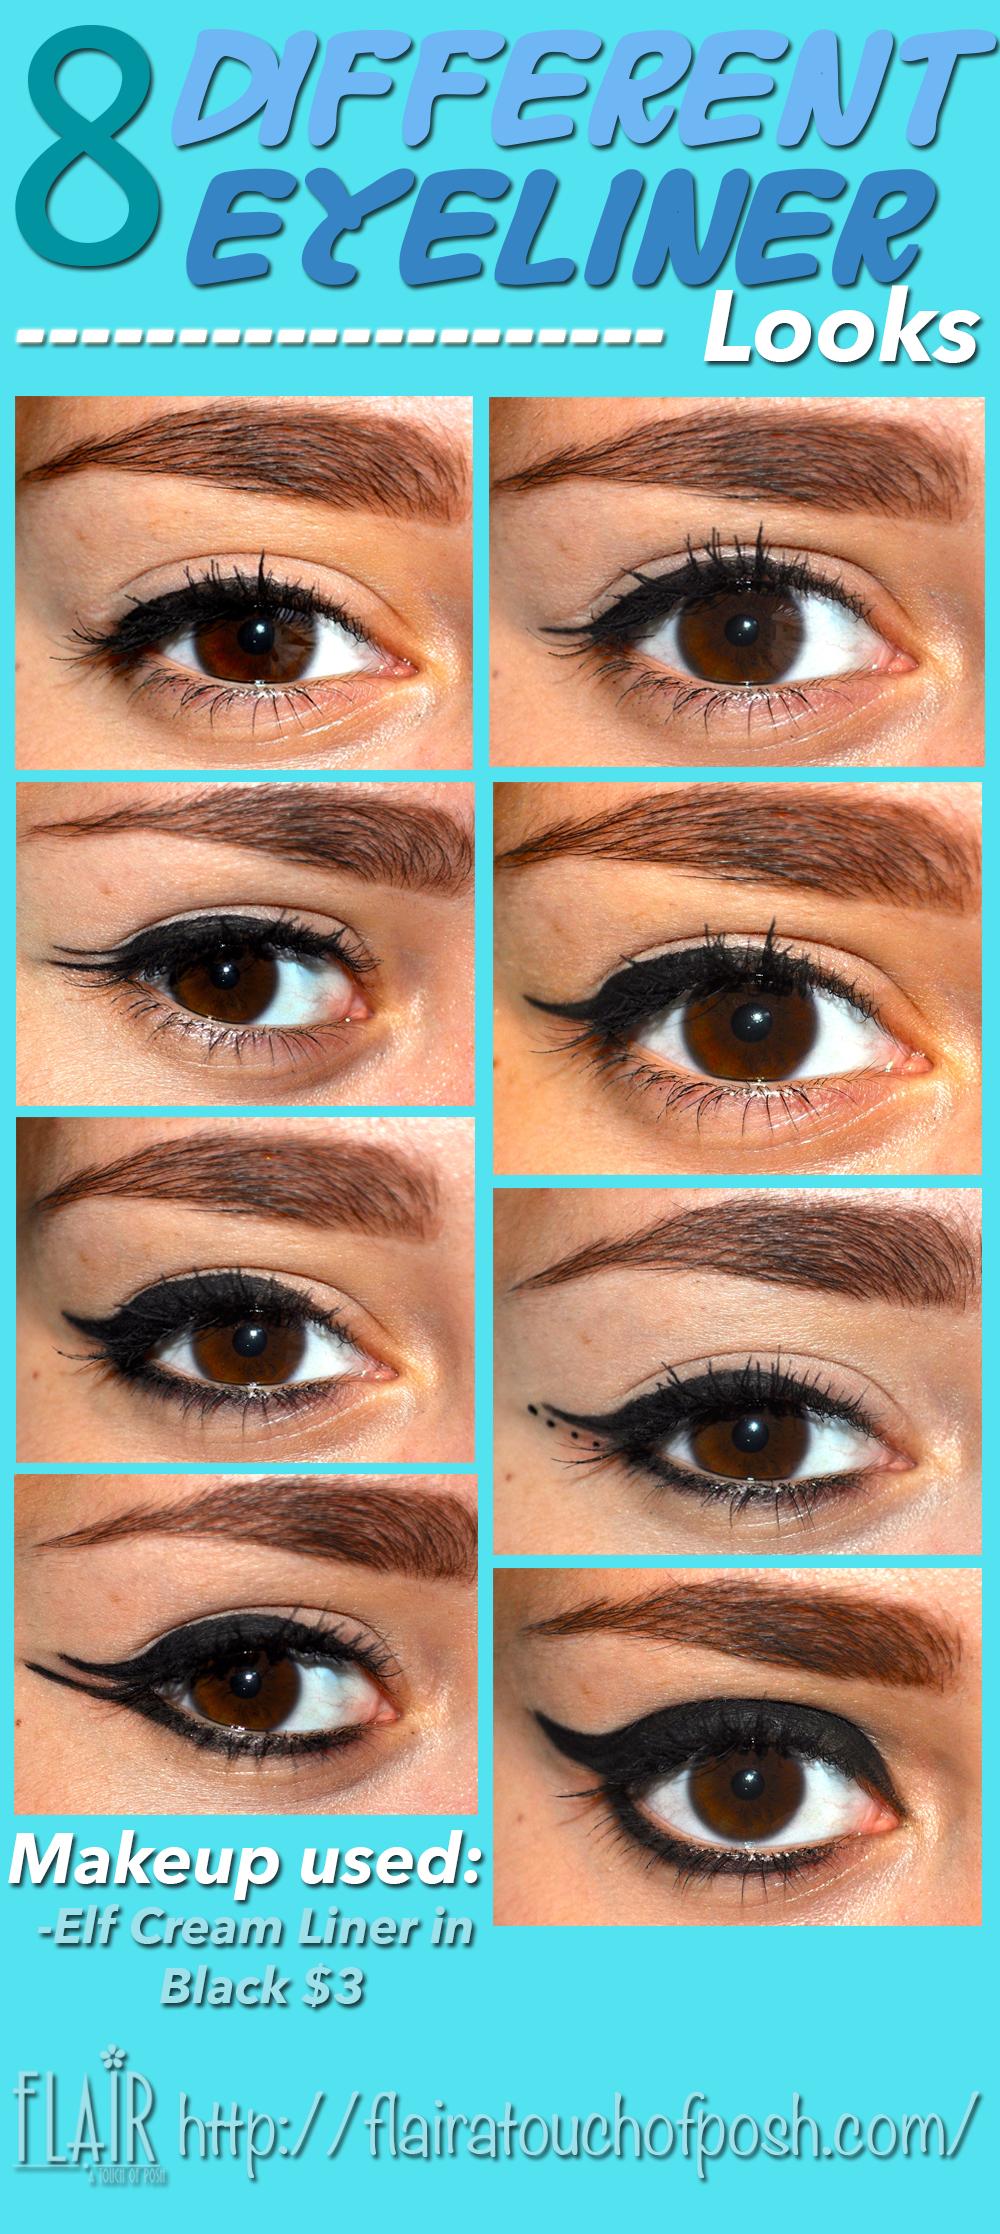 8 eyeliner looks.png